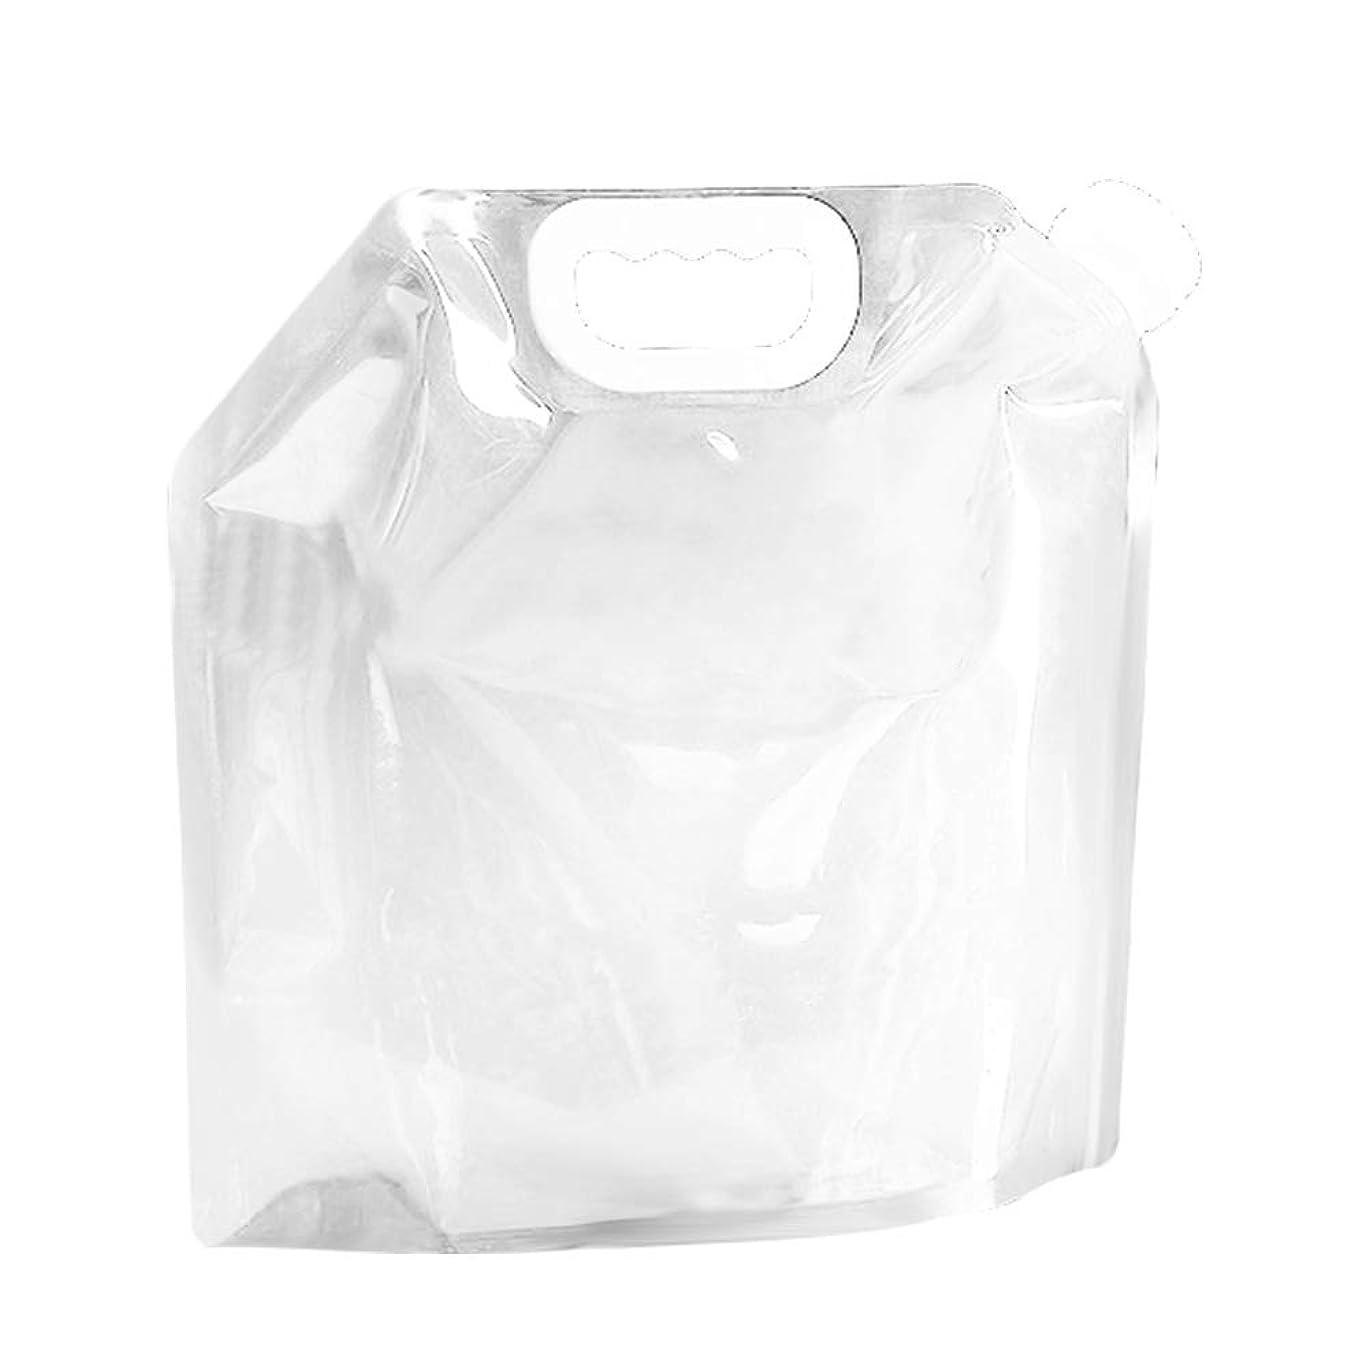 引き受けるフロント供給ウォーターバッグ 避難防災グッズ ウォータータンク 折りたたみ式 ポータブル 非常用給水袋 5L/10L水袋 コンパクト 持ち運びに便利 安全 (10L,透明)